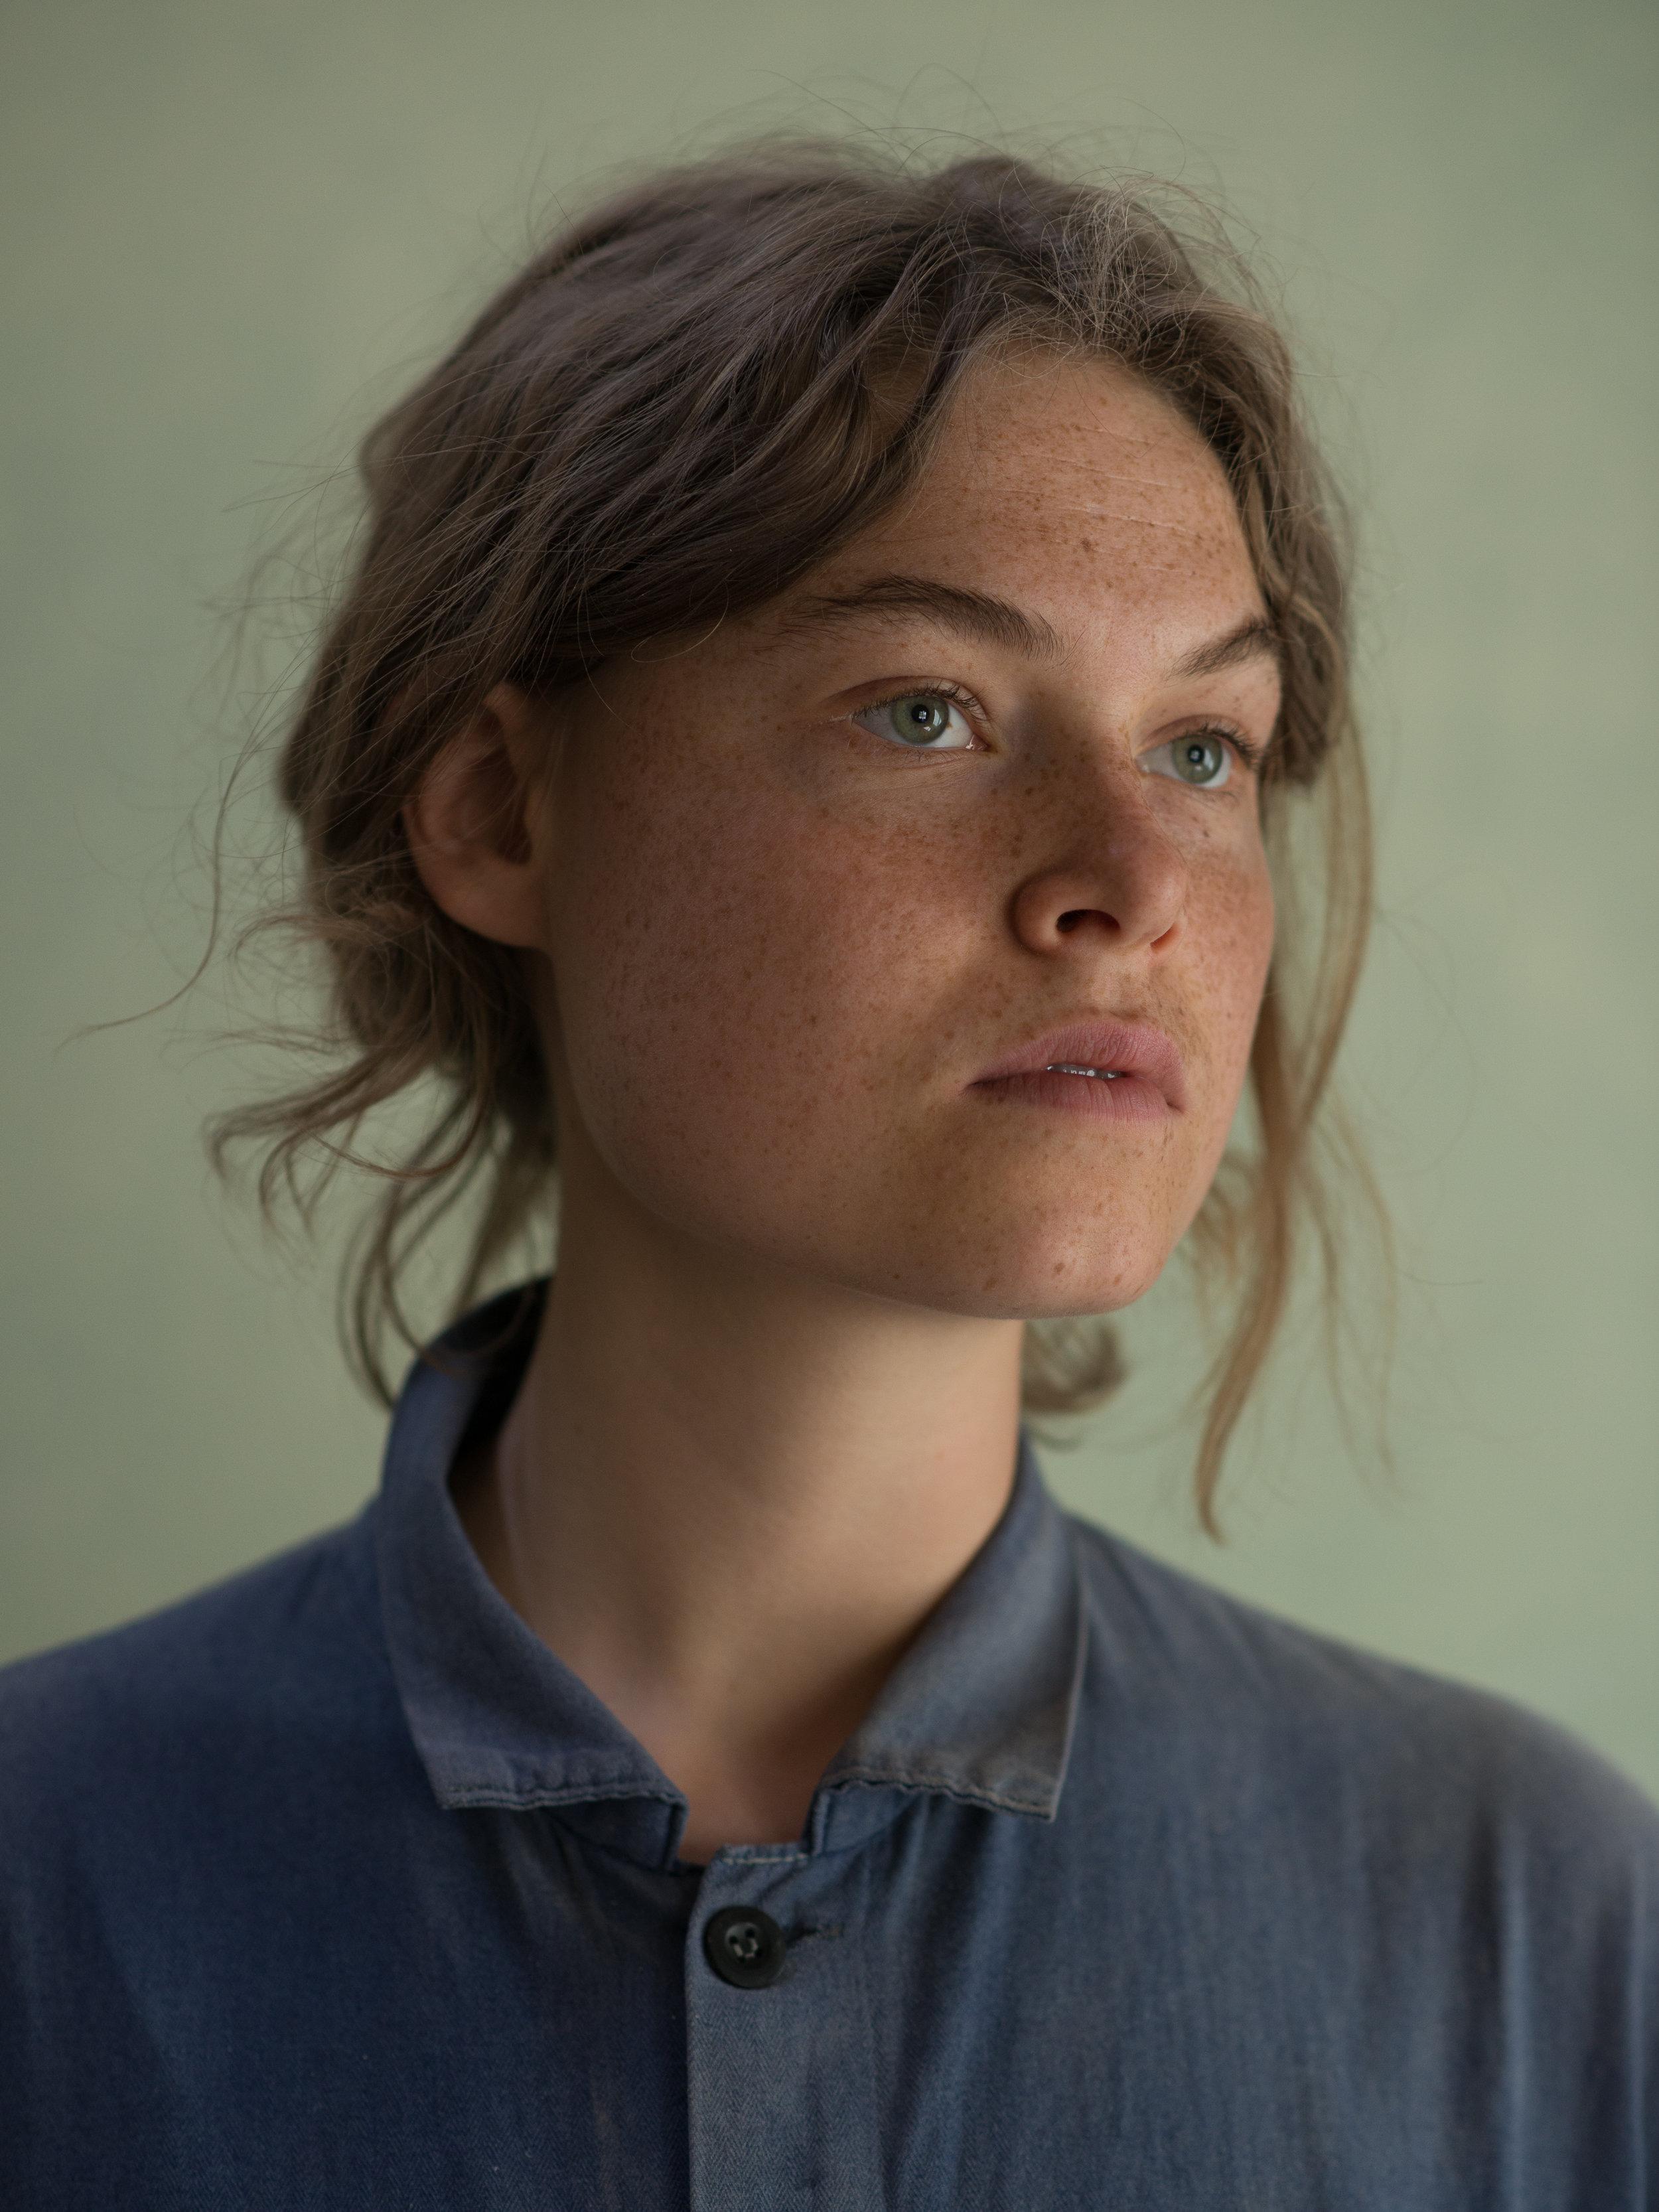 Lea, 2018